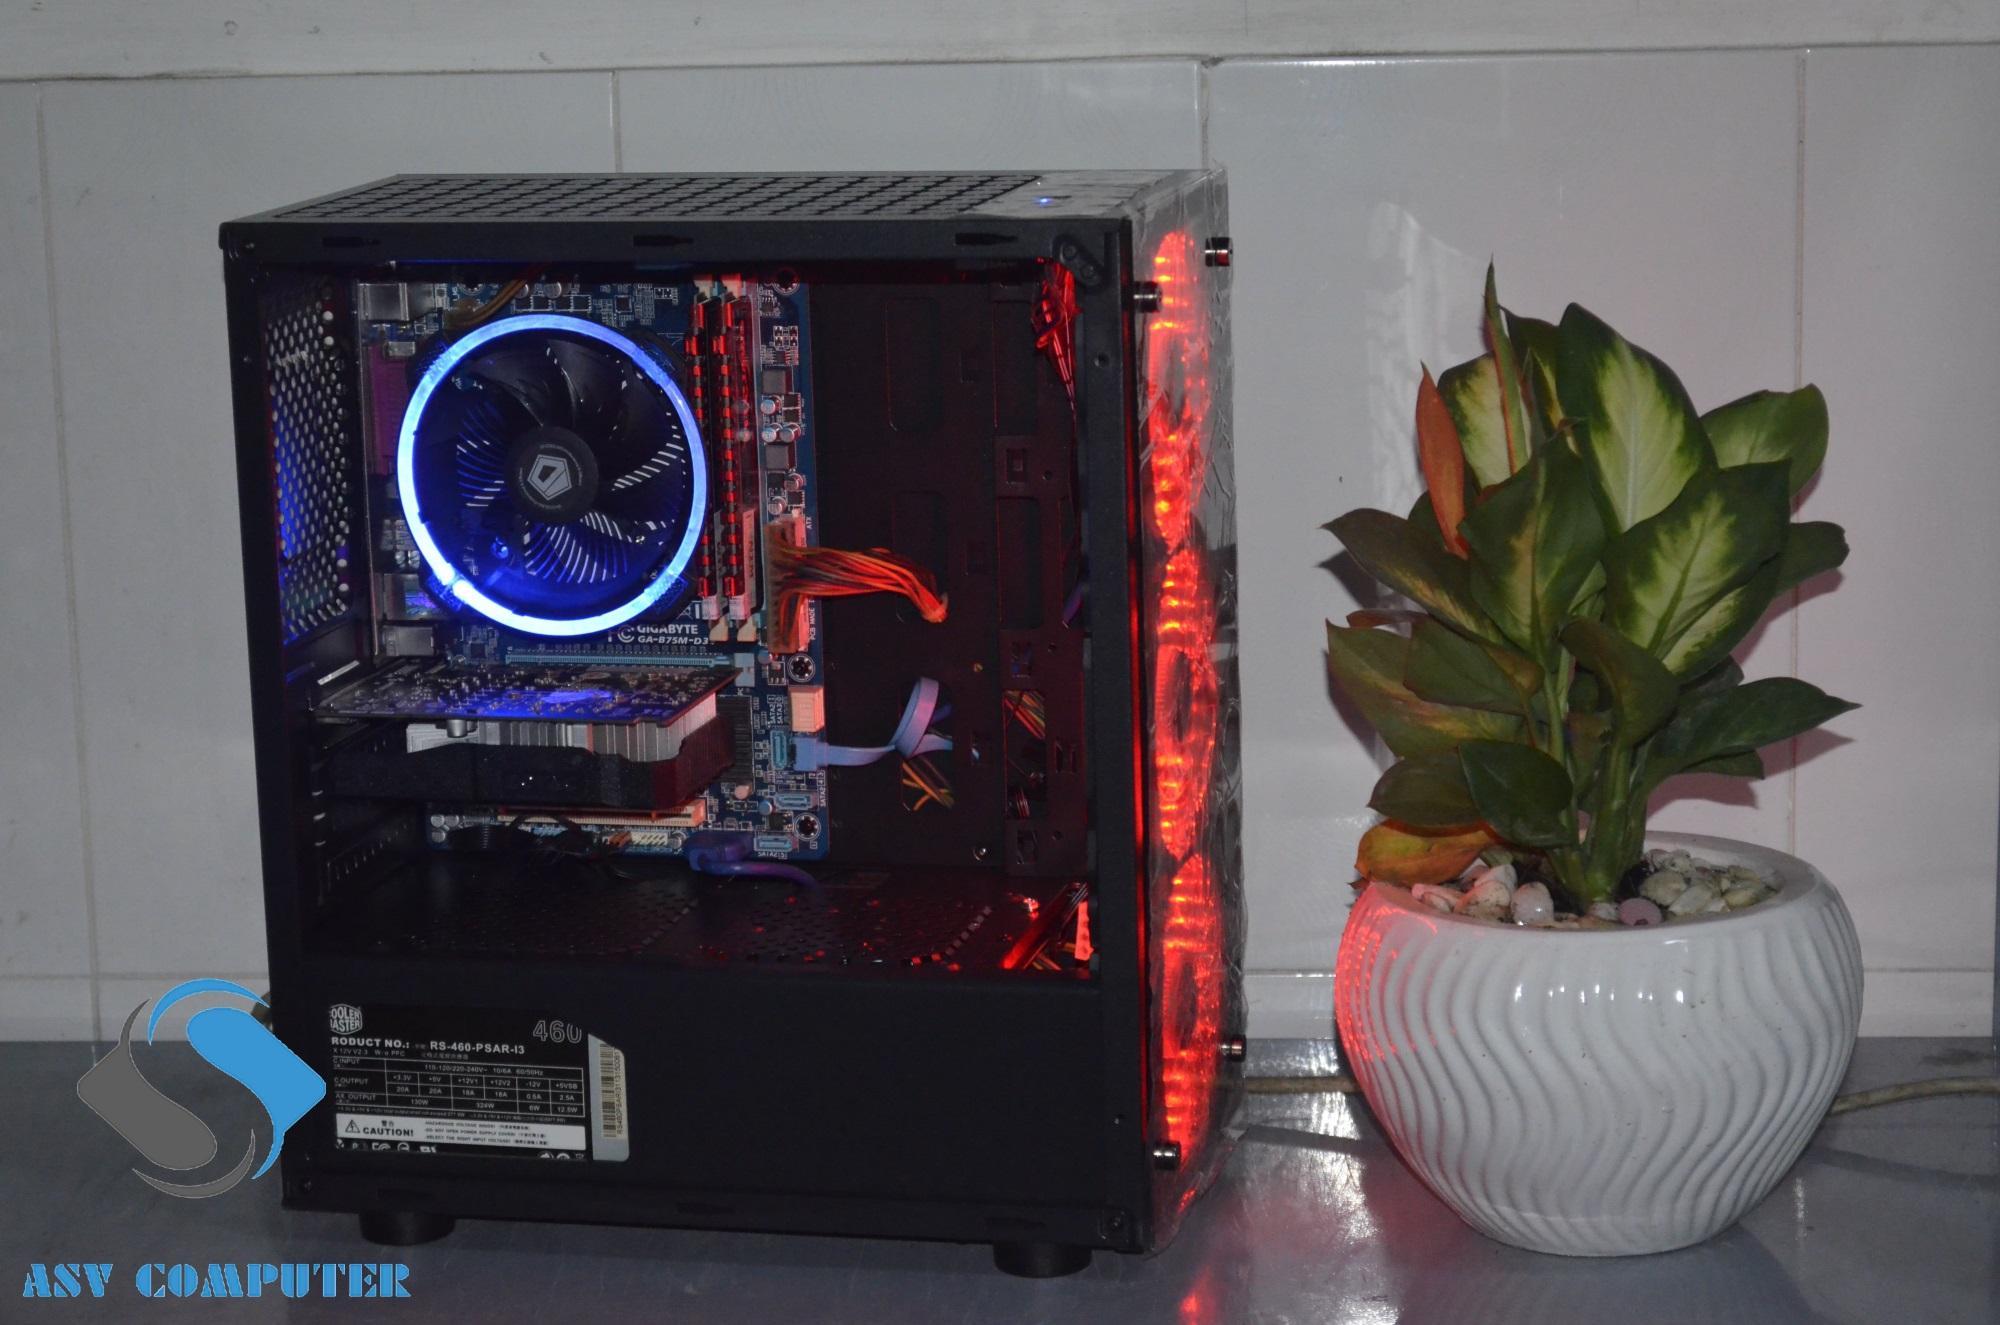 Hình ảnh Thùng chơi game - Gaming Core I5 3570/ Ram 4G/ Vga GTX 750 2G